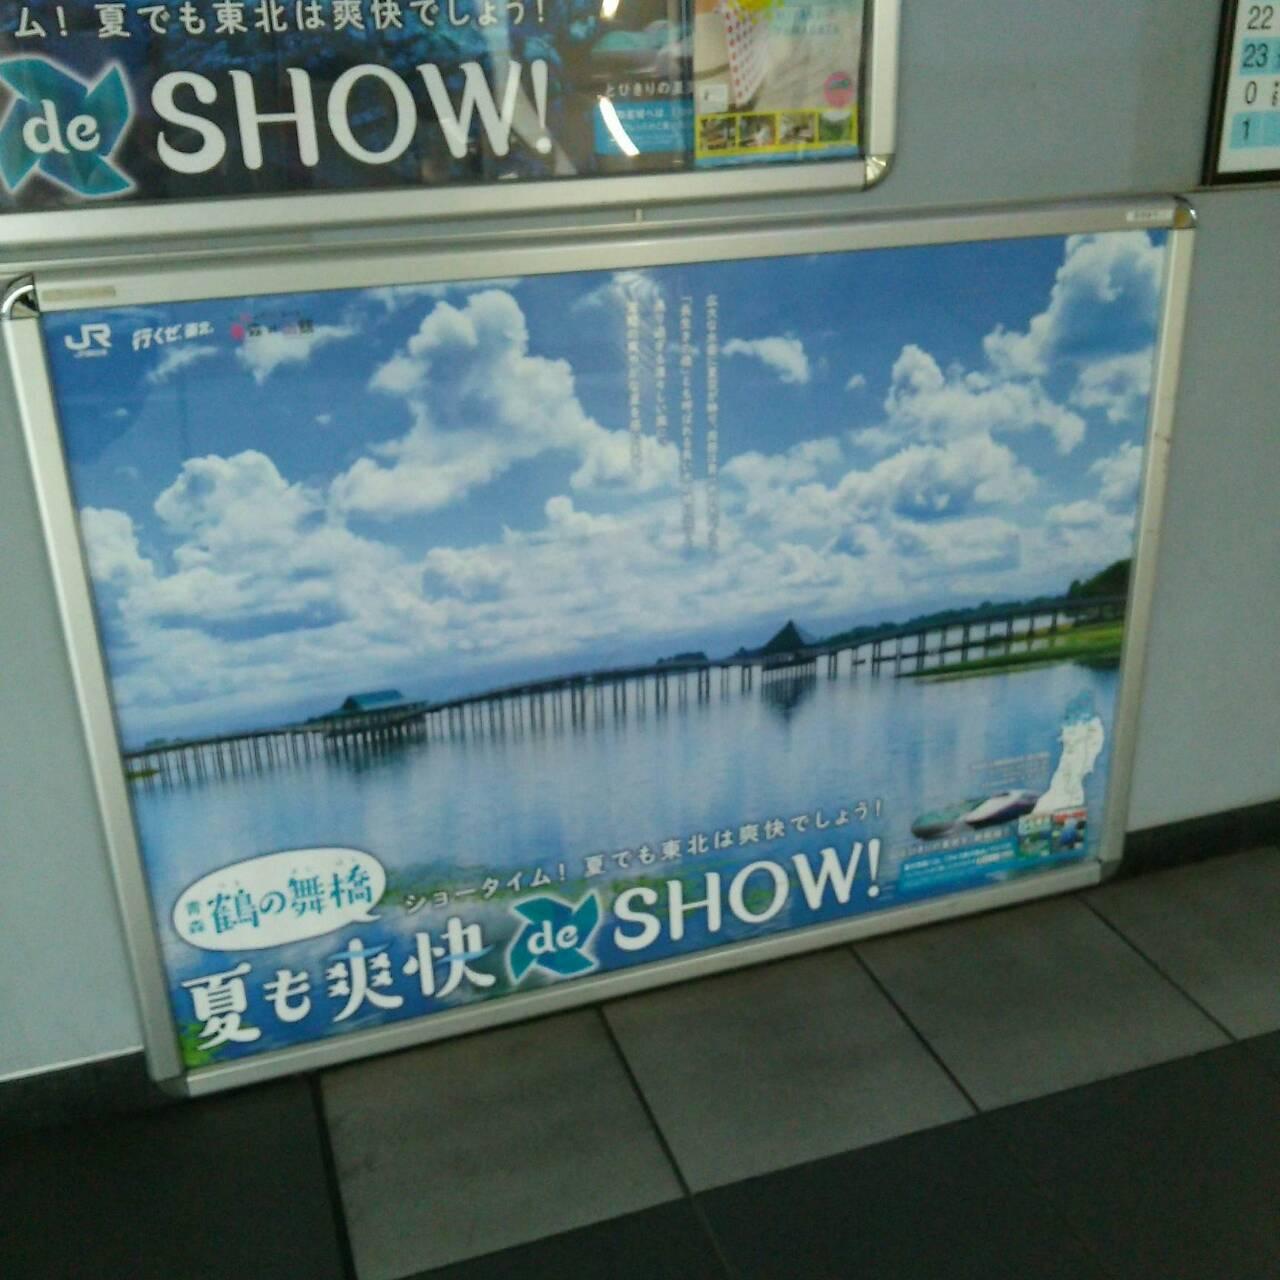 JR行くぜ東北(品川駅)